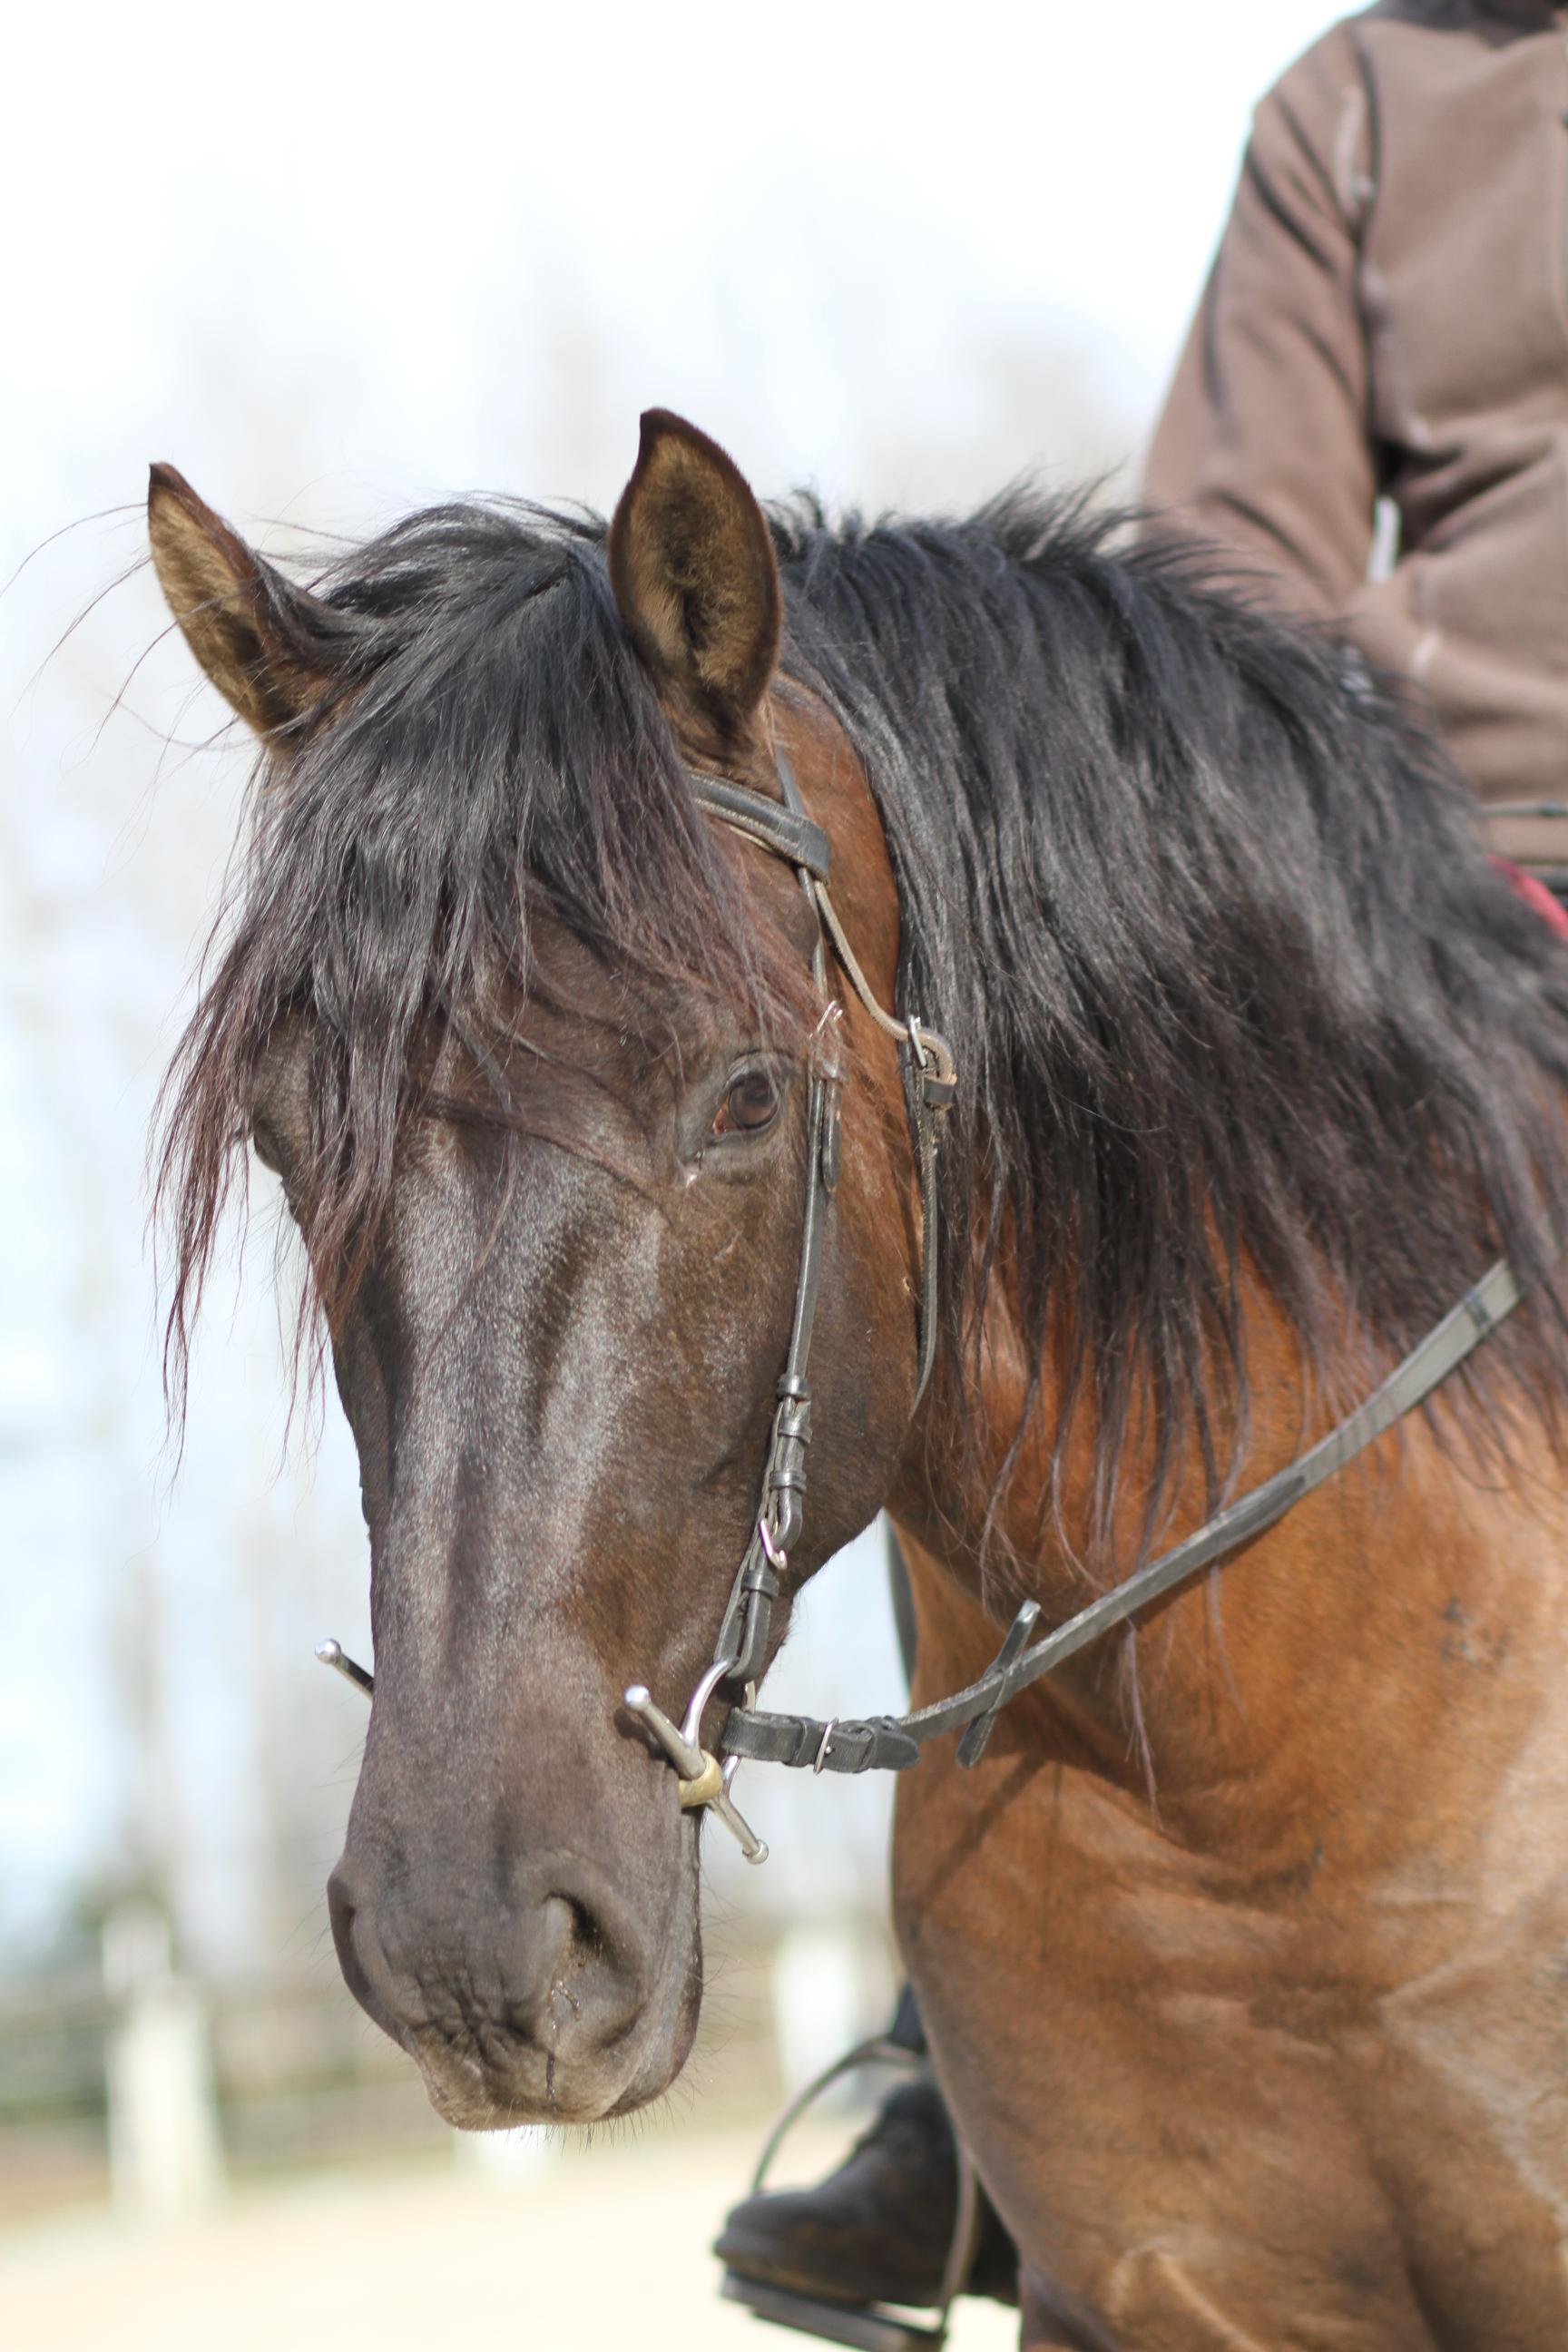 Ein schwarzes Pferd mit langer Mähne